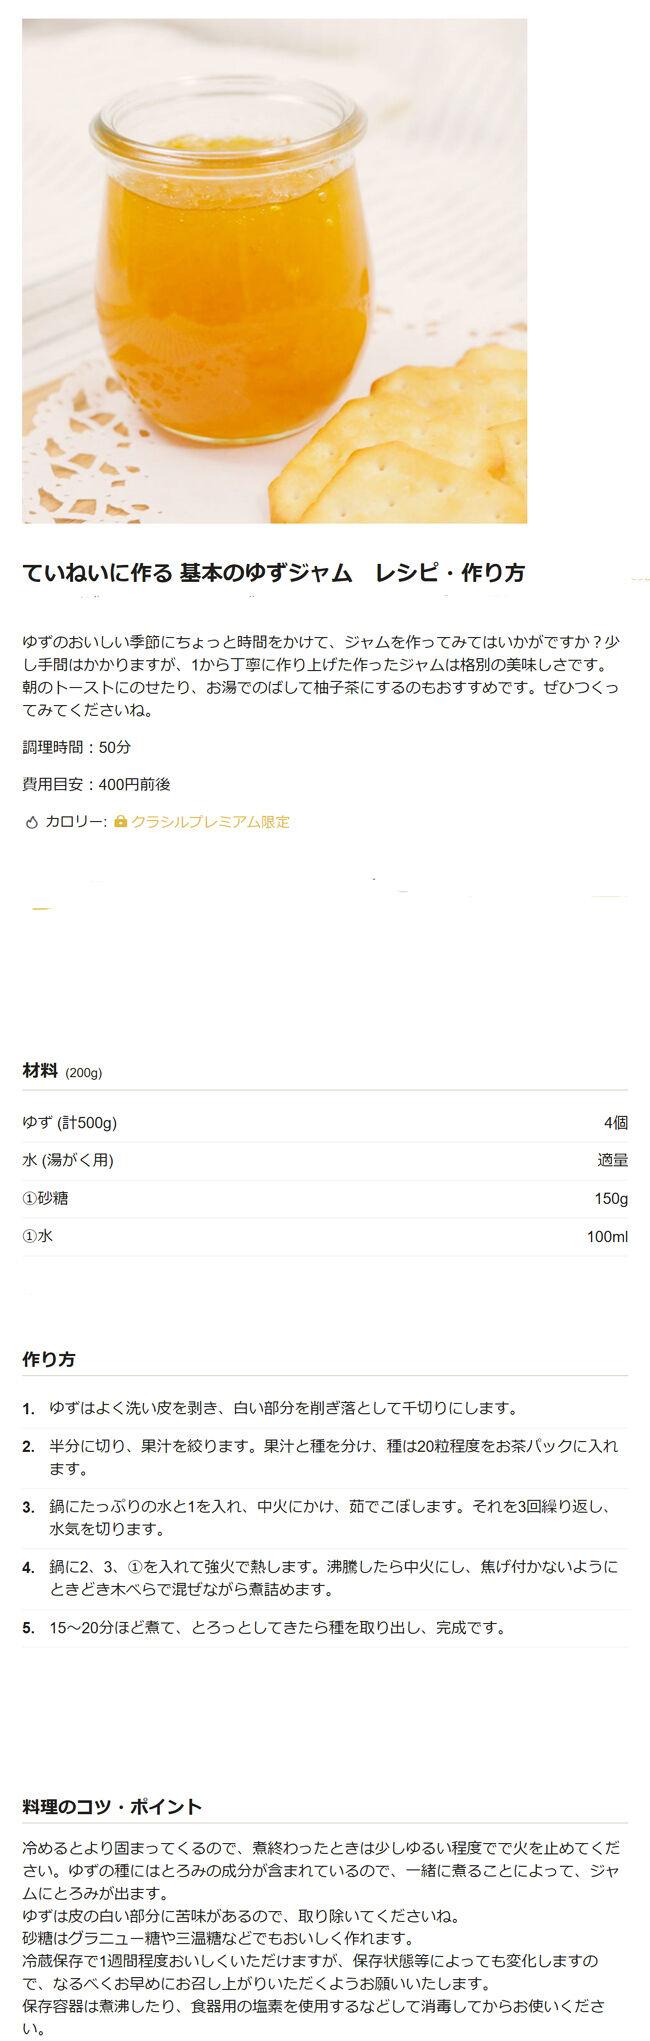 0柚子ジャム クラシル650